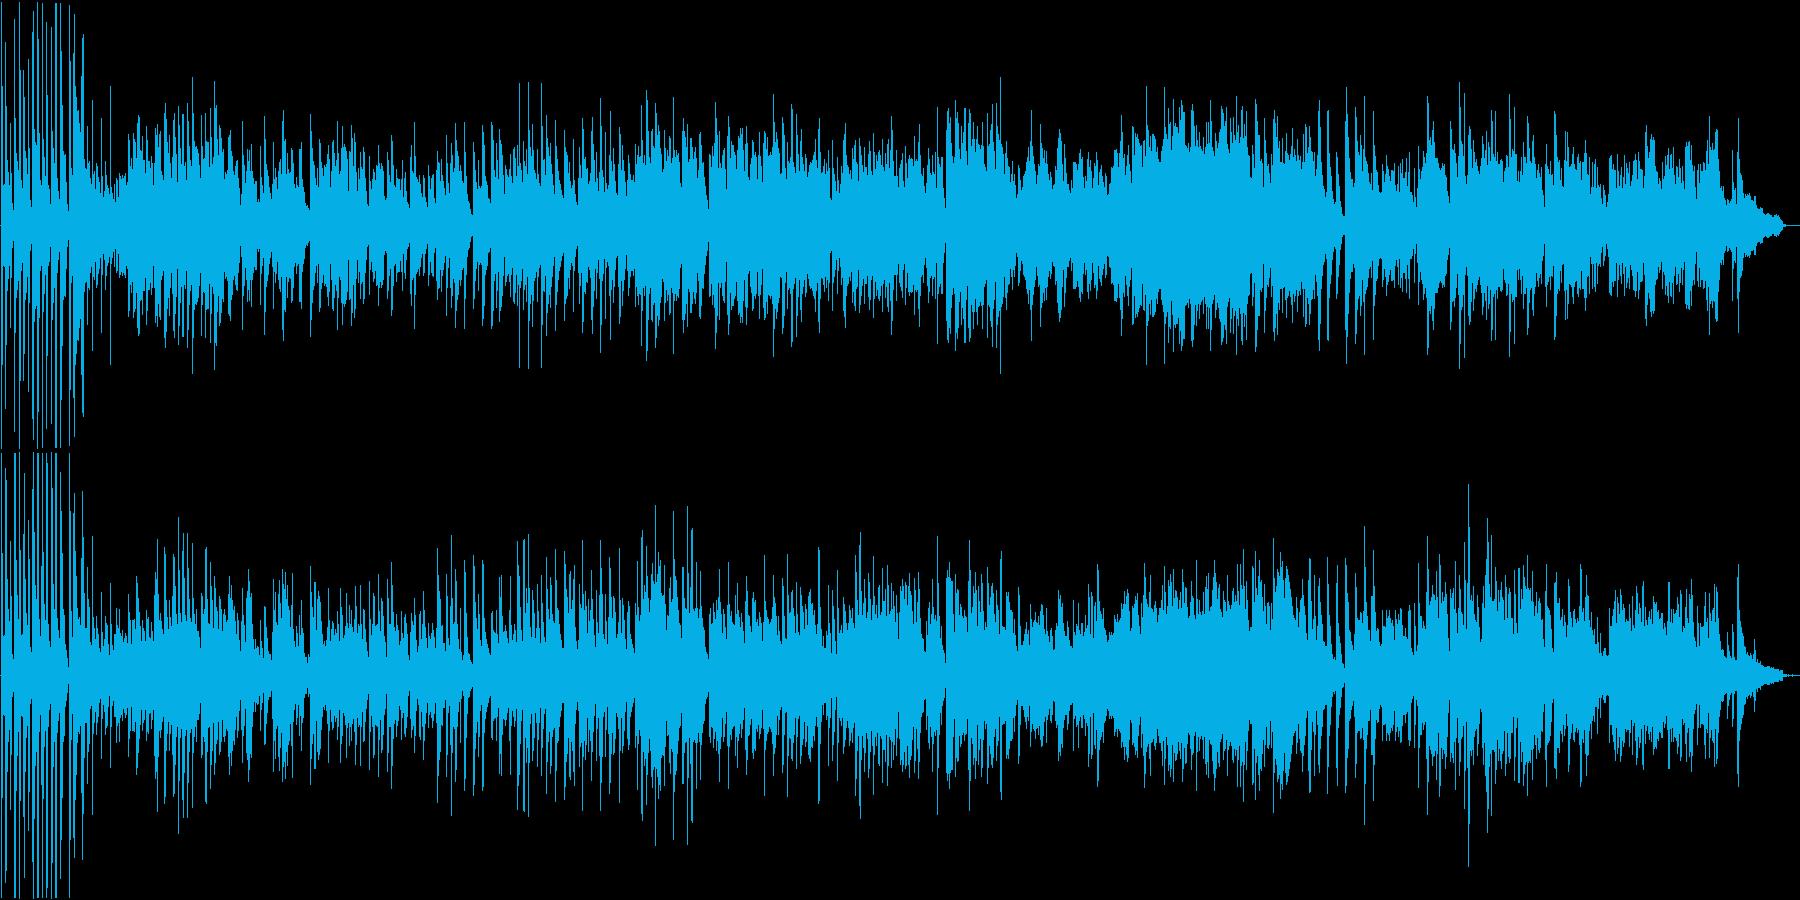 芸術性の高い変拍子のピアノソロ楽曲の再生済みの波形